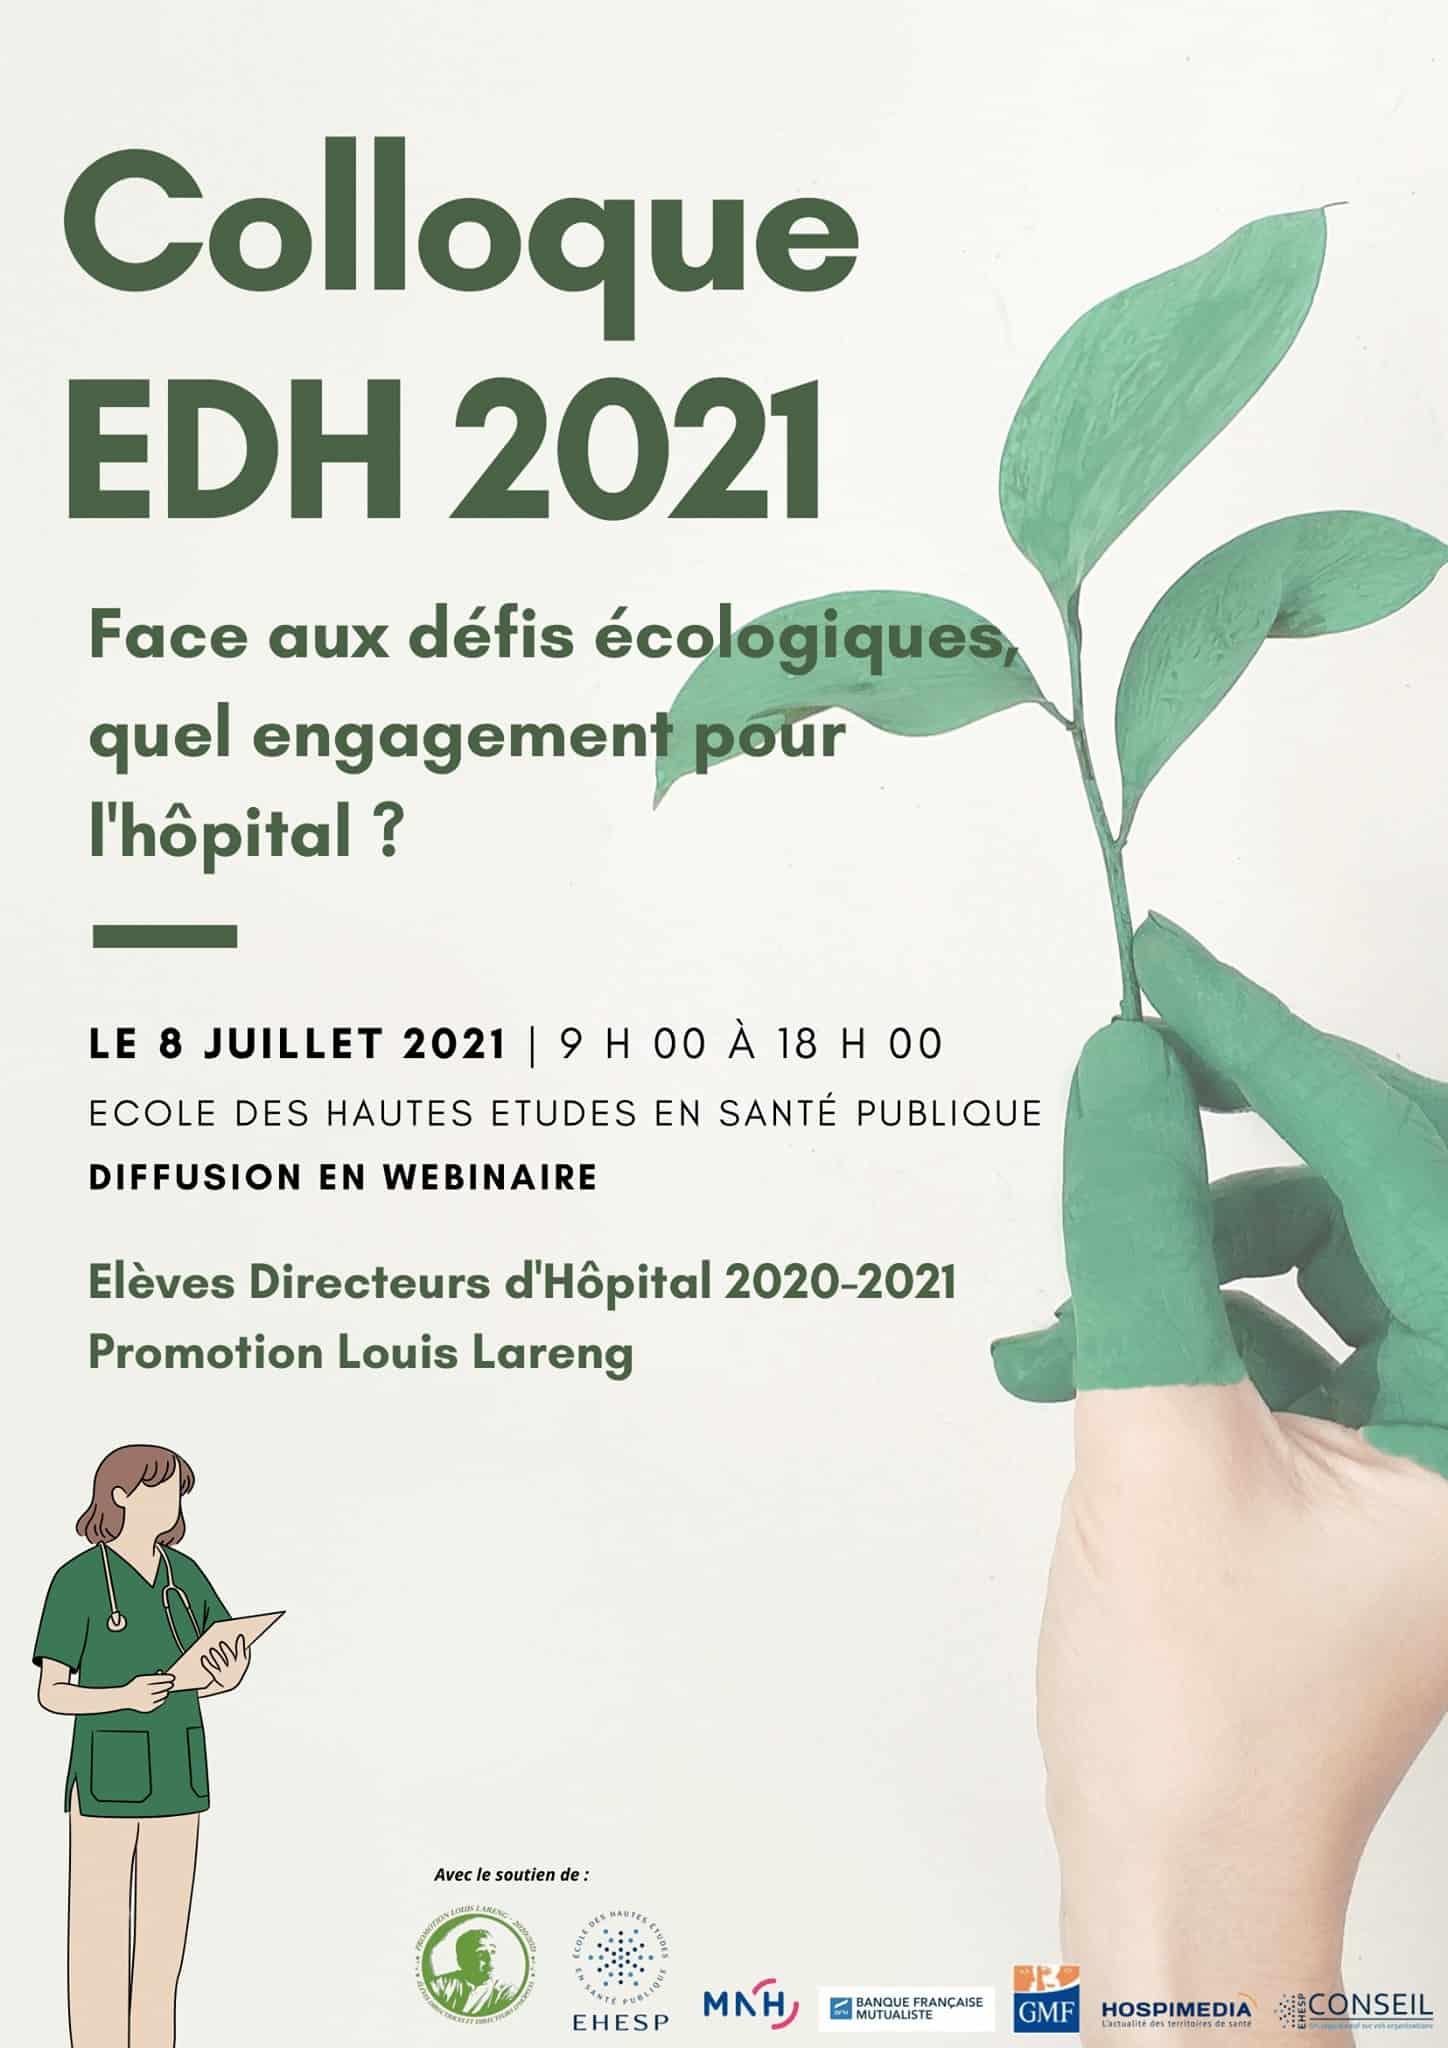 Face aux défis écologiques, quel engagement pour l'hôpital ? – Colloque EDH